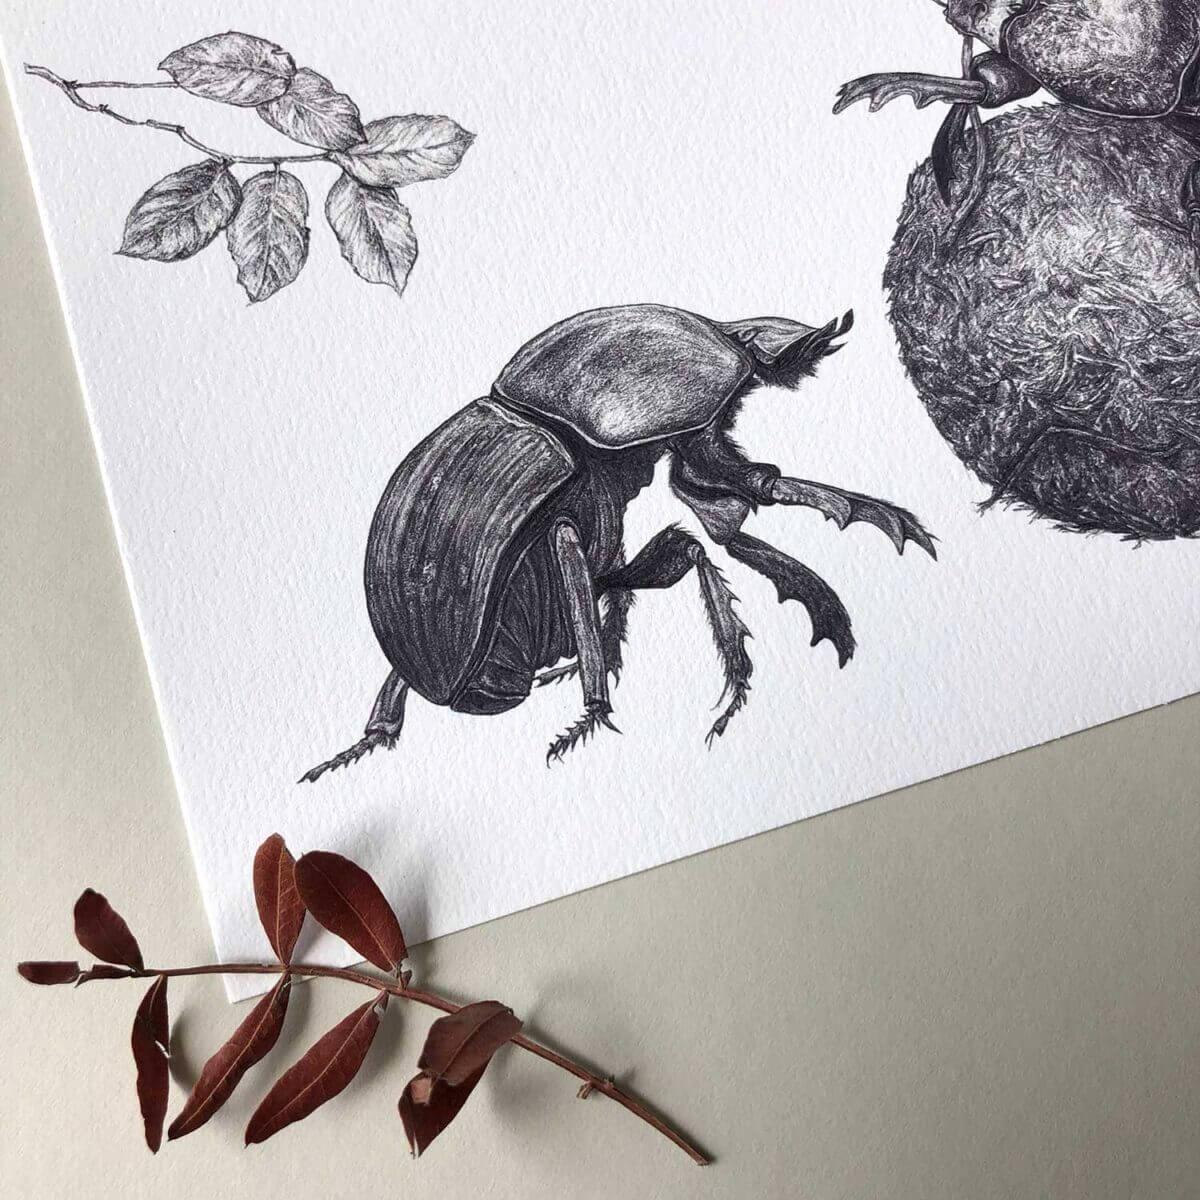 Dung-Beetles-Print-Detail-Sky-Siouki